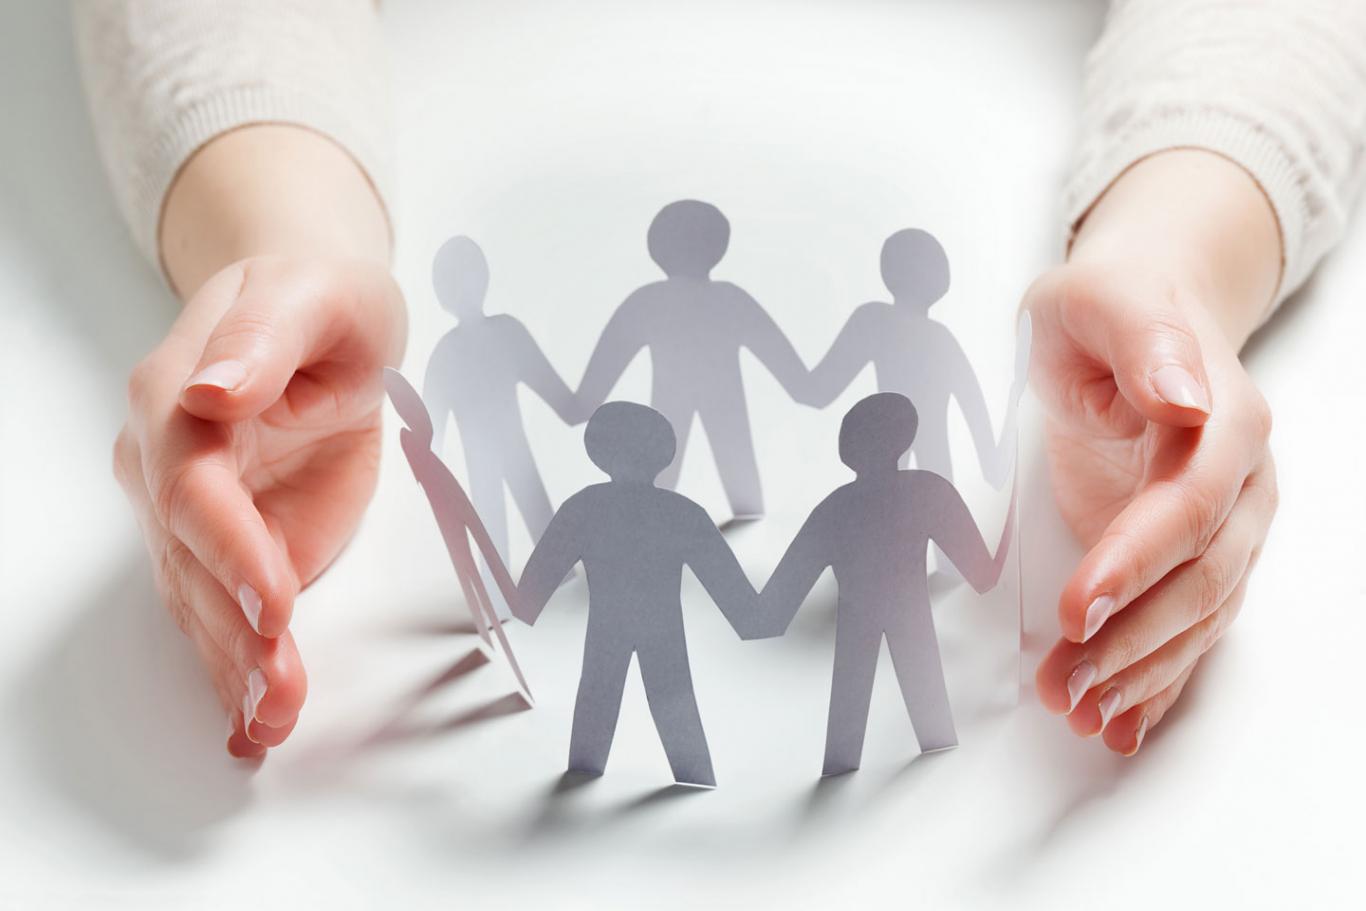 Unas manos enmarcan, protectoras, unas figuras humanas hechas de papel